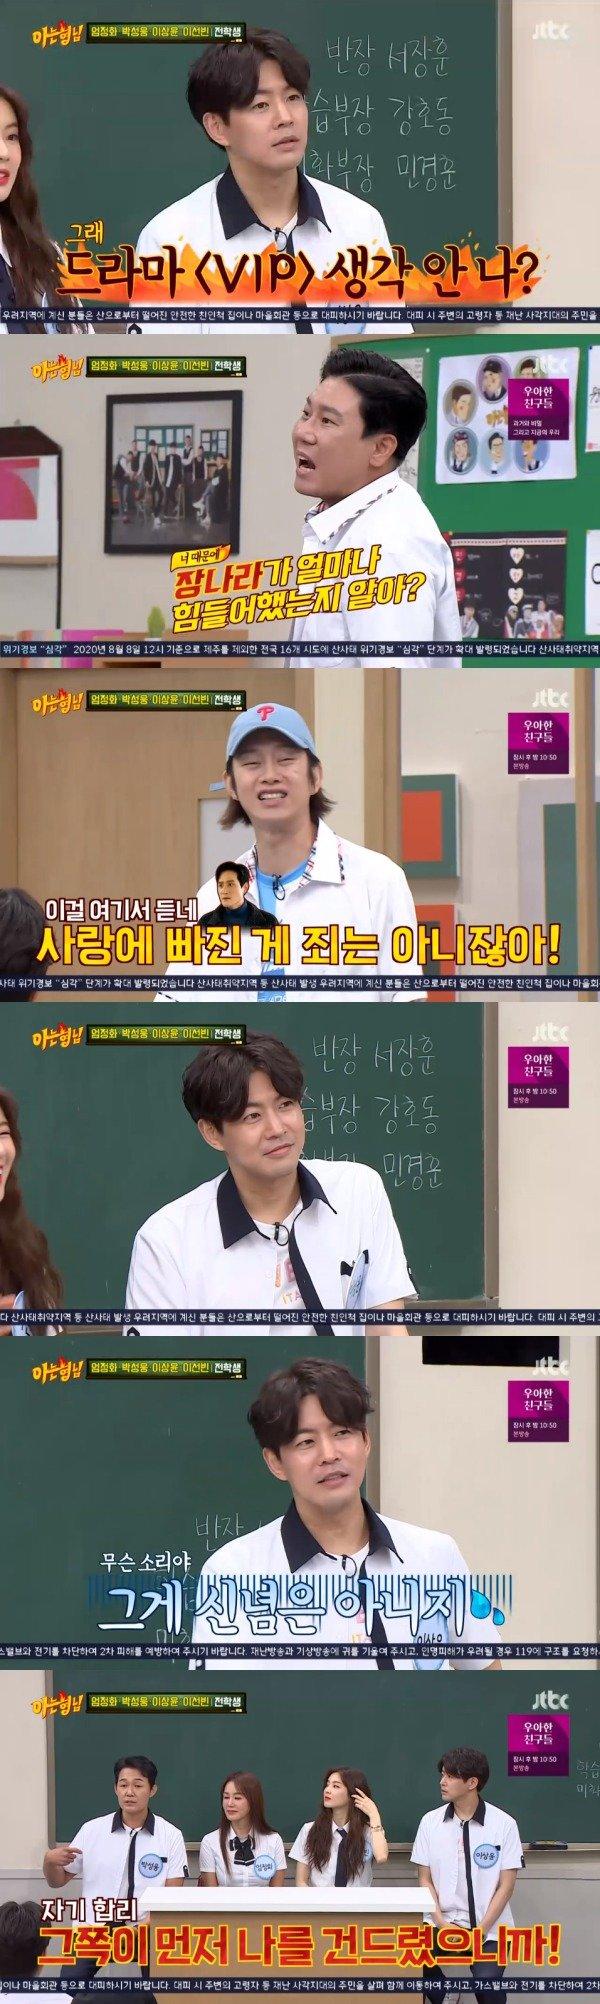 JTBC '아는 형님' 방송 화면 캡처 © 뉴스1